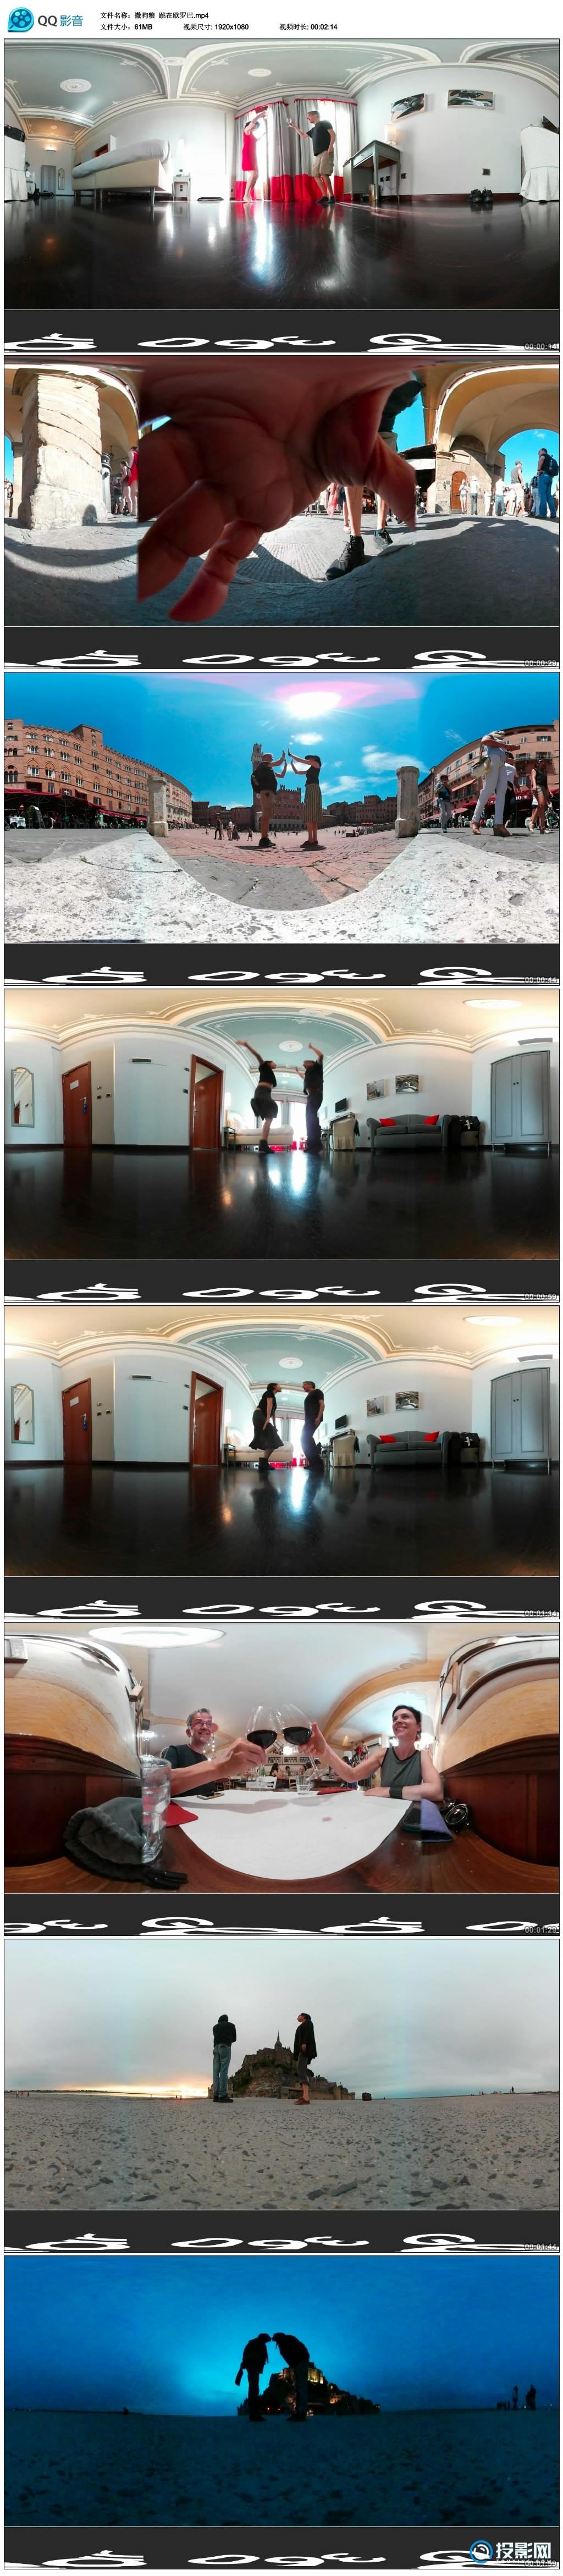 [VR360°全景] 撒狗粮  跳在欧罗巴 VR视频下载